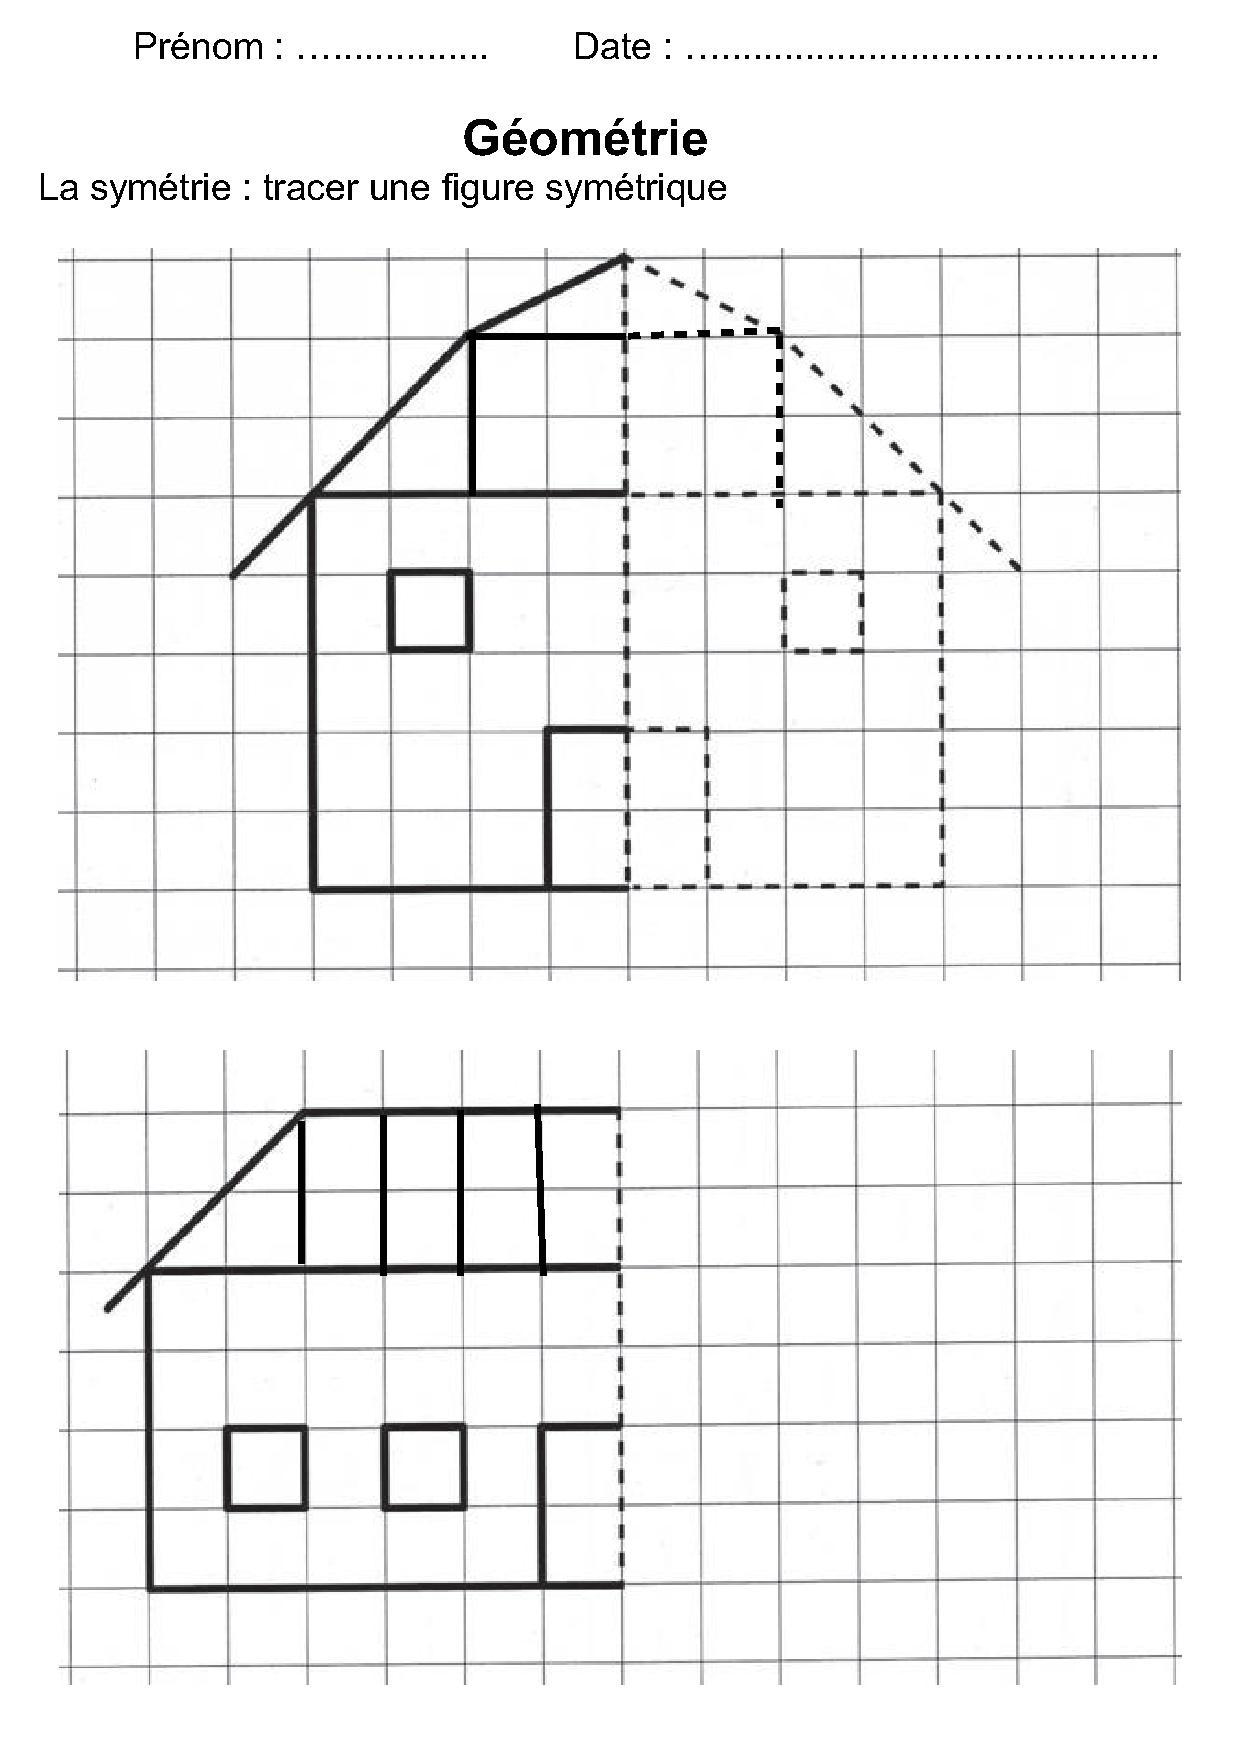 Géométrie Ce1,ce2,la Symétrie,reproduire Une Figure à Fiche Géométrie Cp